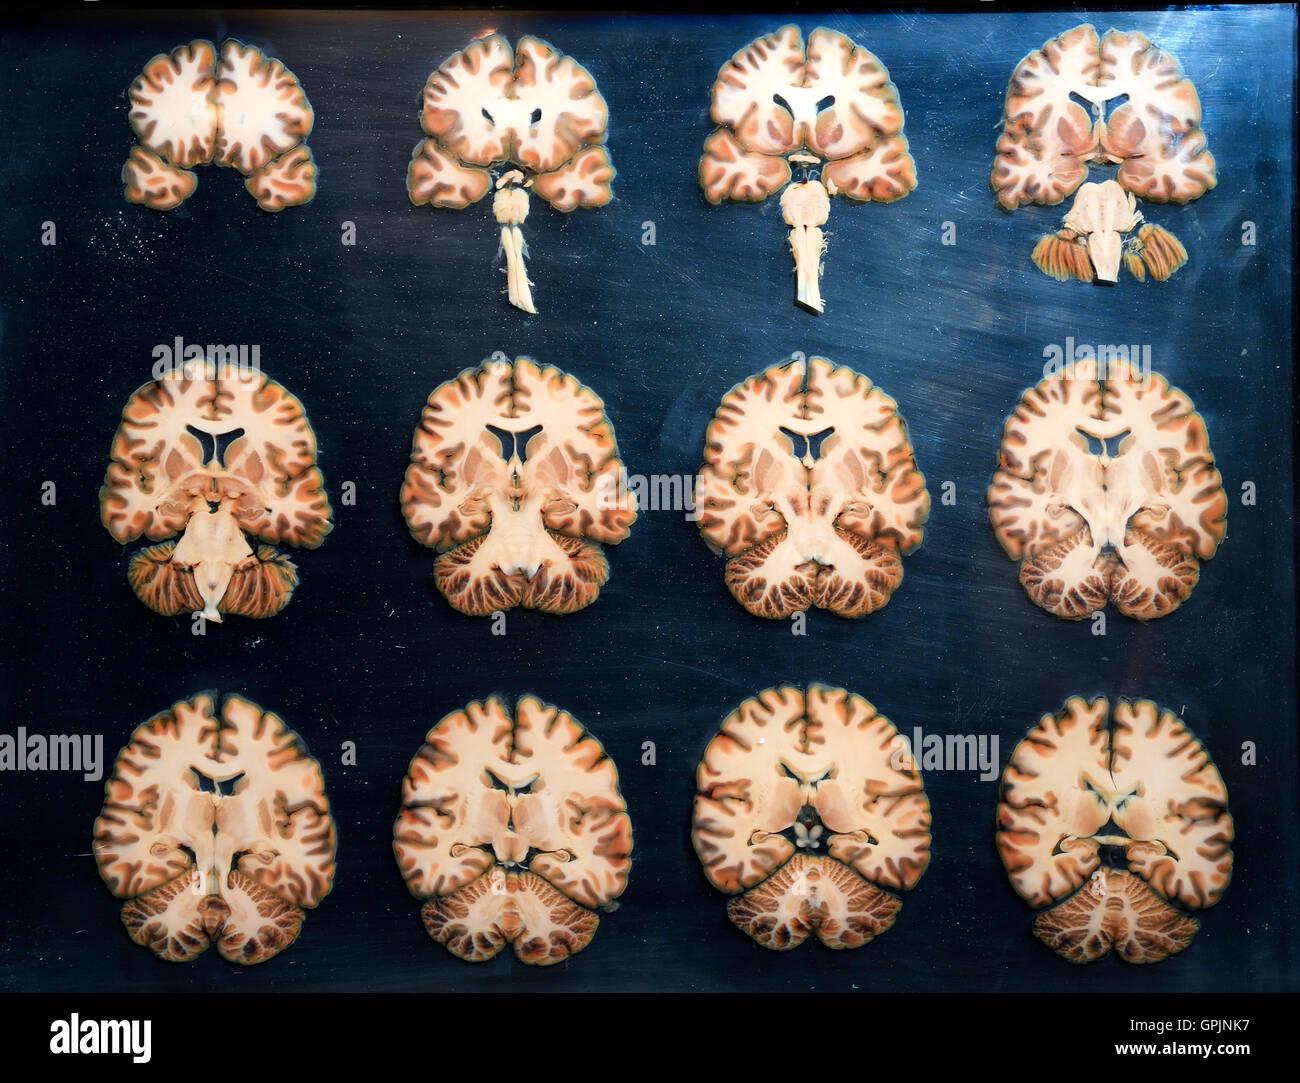 Plastinate les sections, par l'intermédiaire de cerveau humain, le monde du corps, Menschen Museum, Berlin, Photo Stock